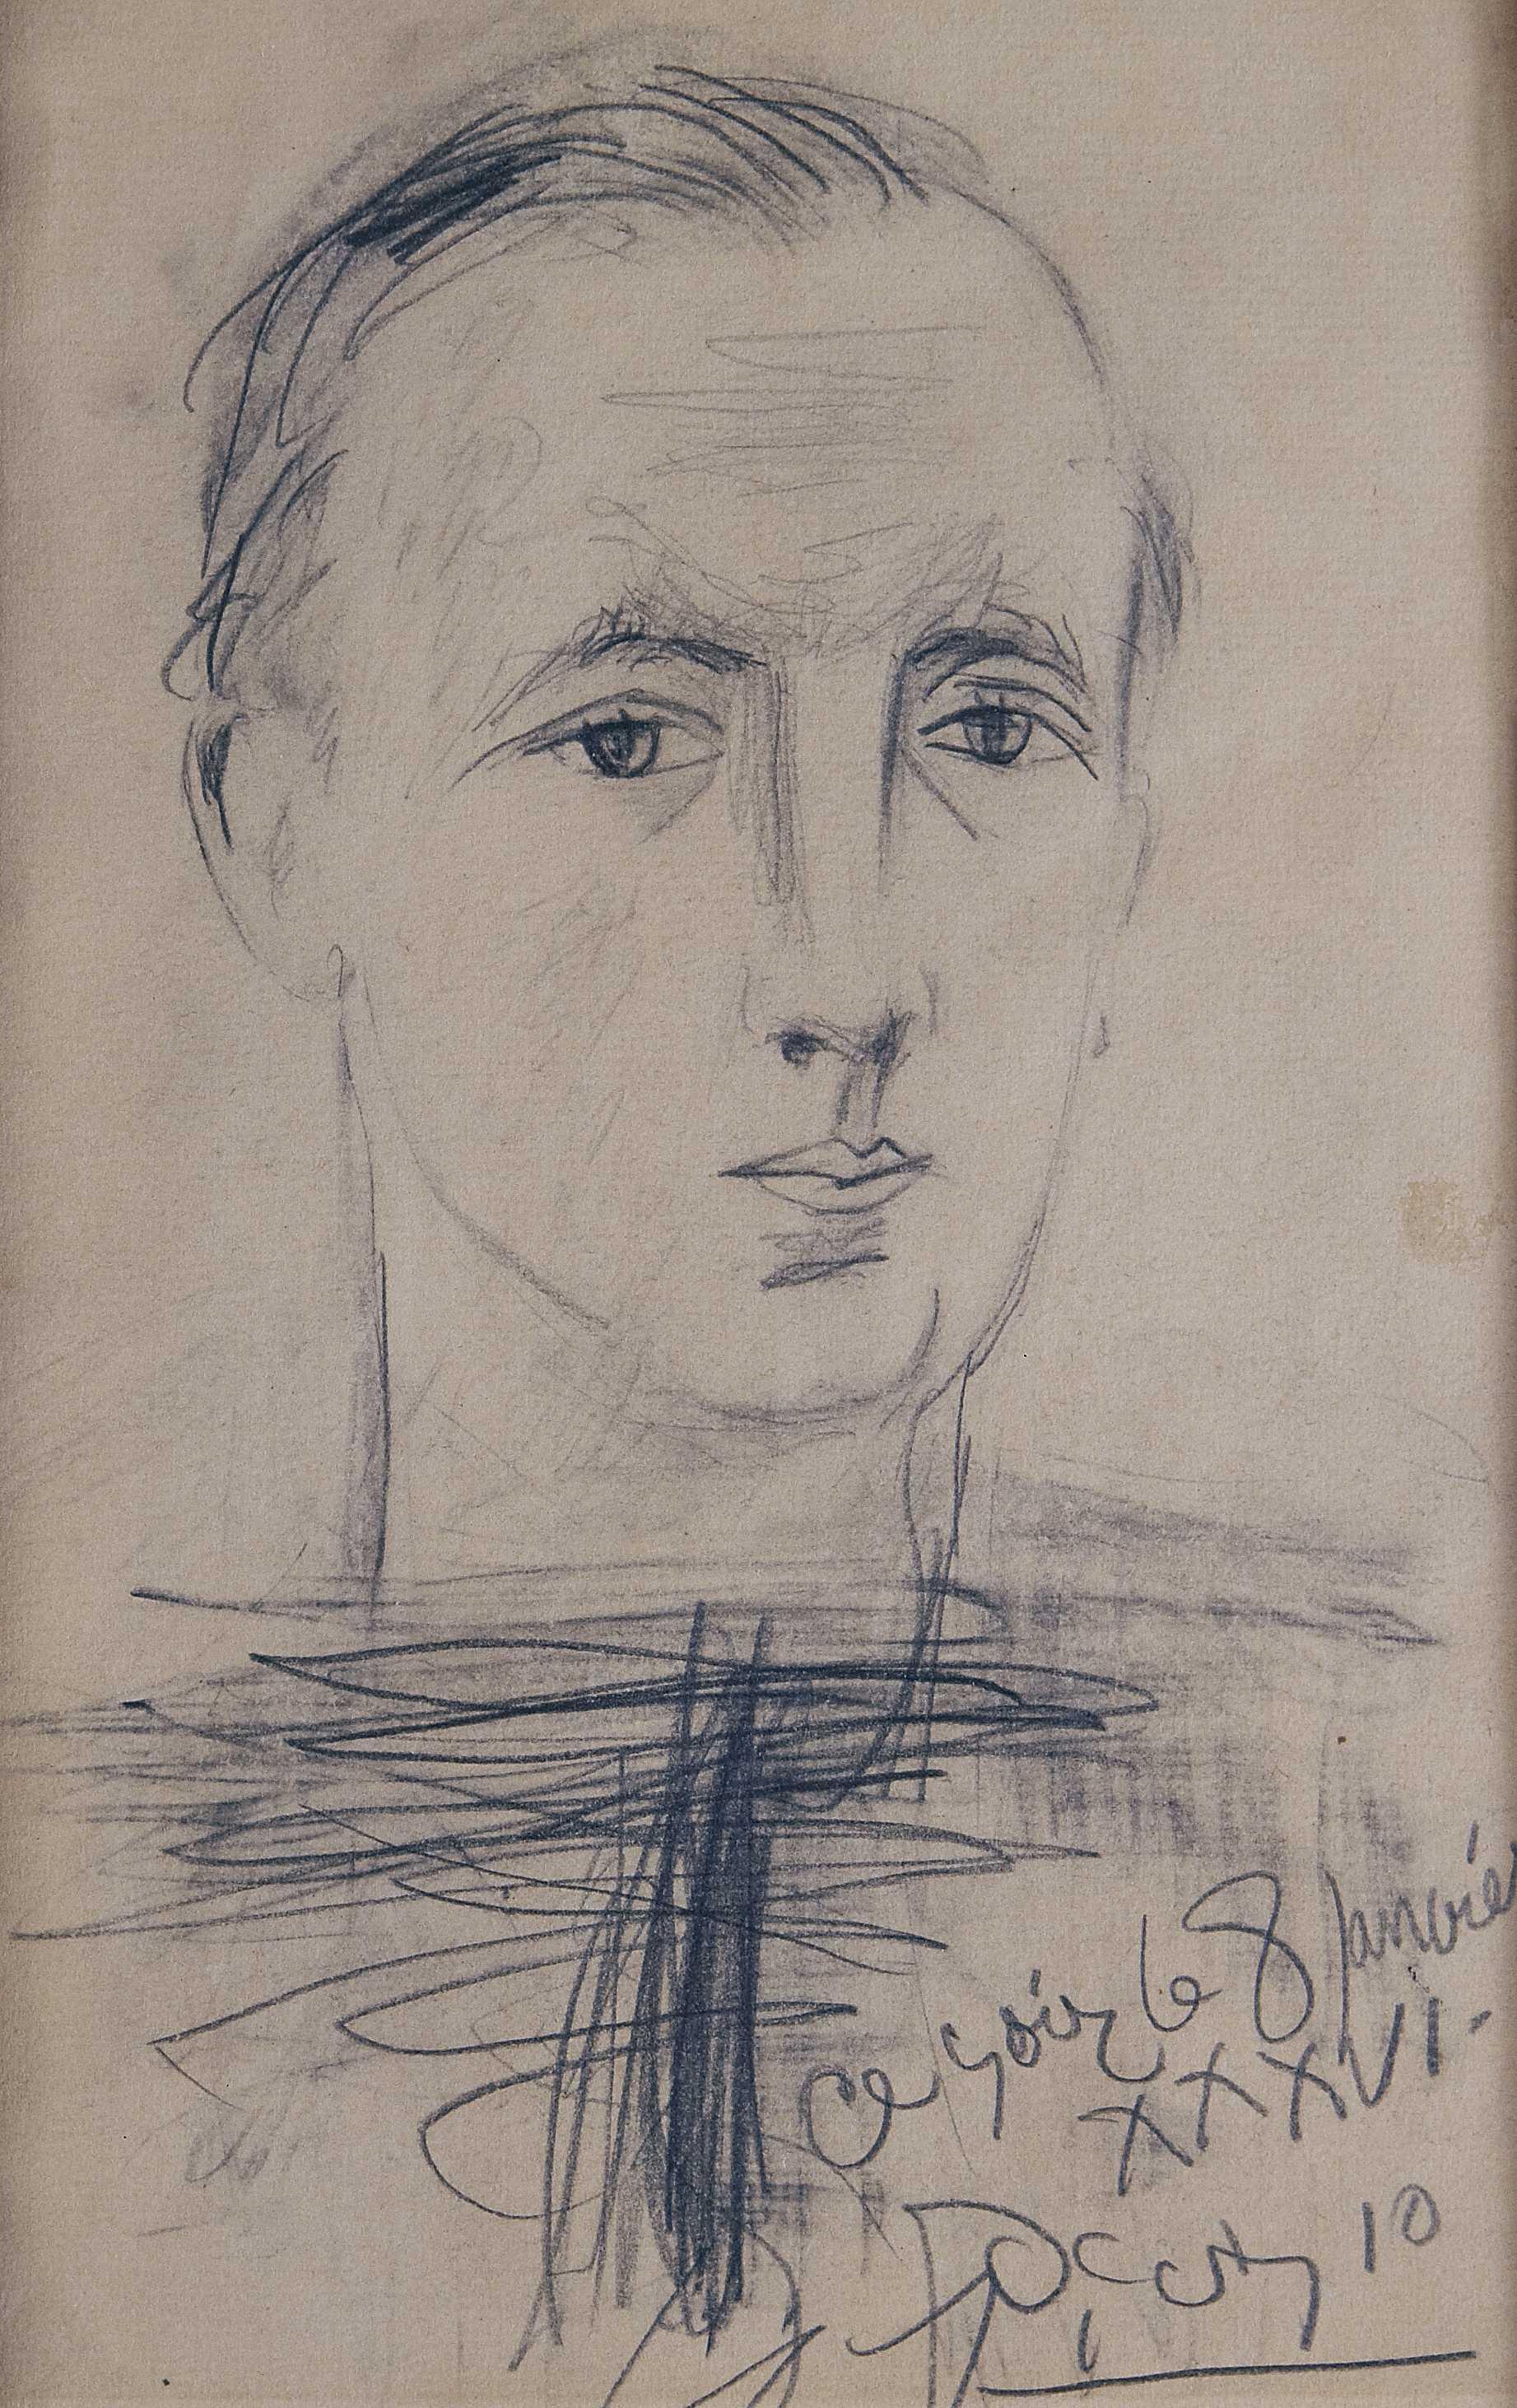 Pablo Picasso, Paul Eluard (1936) Musée d'art et d'histoire – Saint-Denis. Cliché : Irène Andréani © Successió Pablo Picasso, VEGAP, Madrid 2019